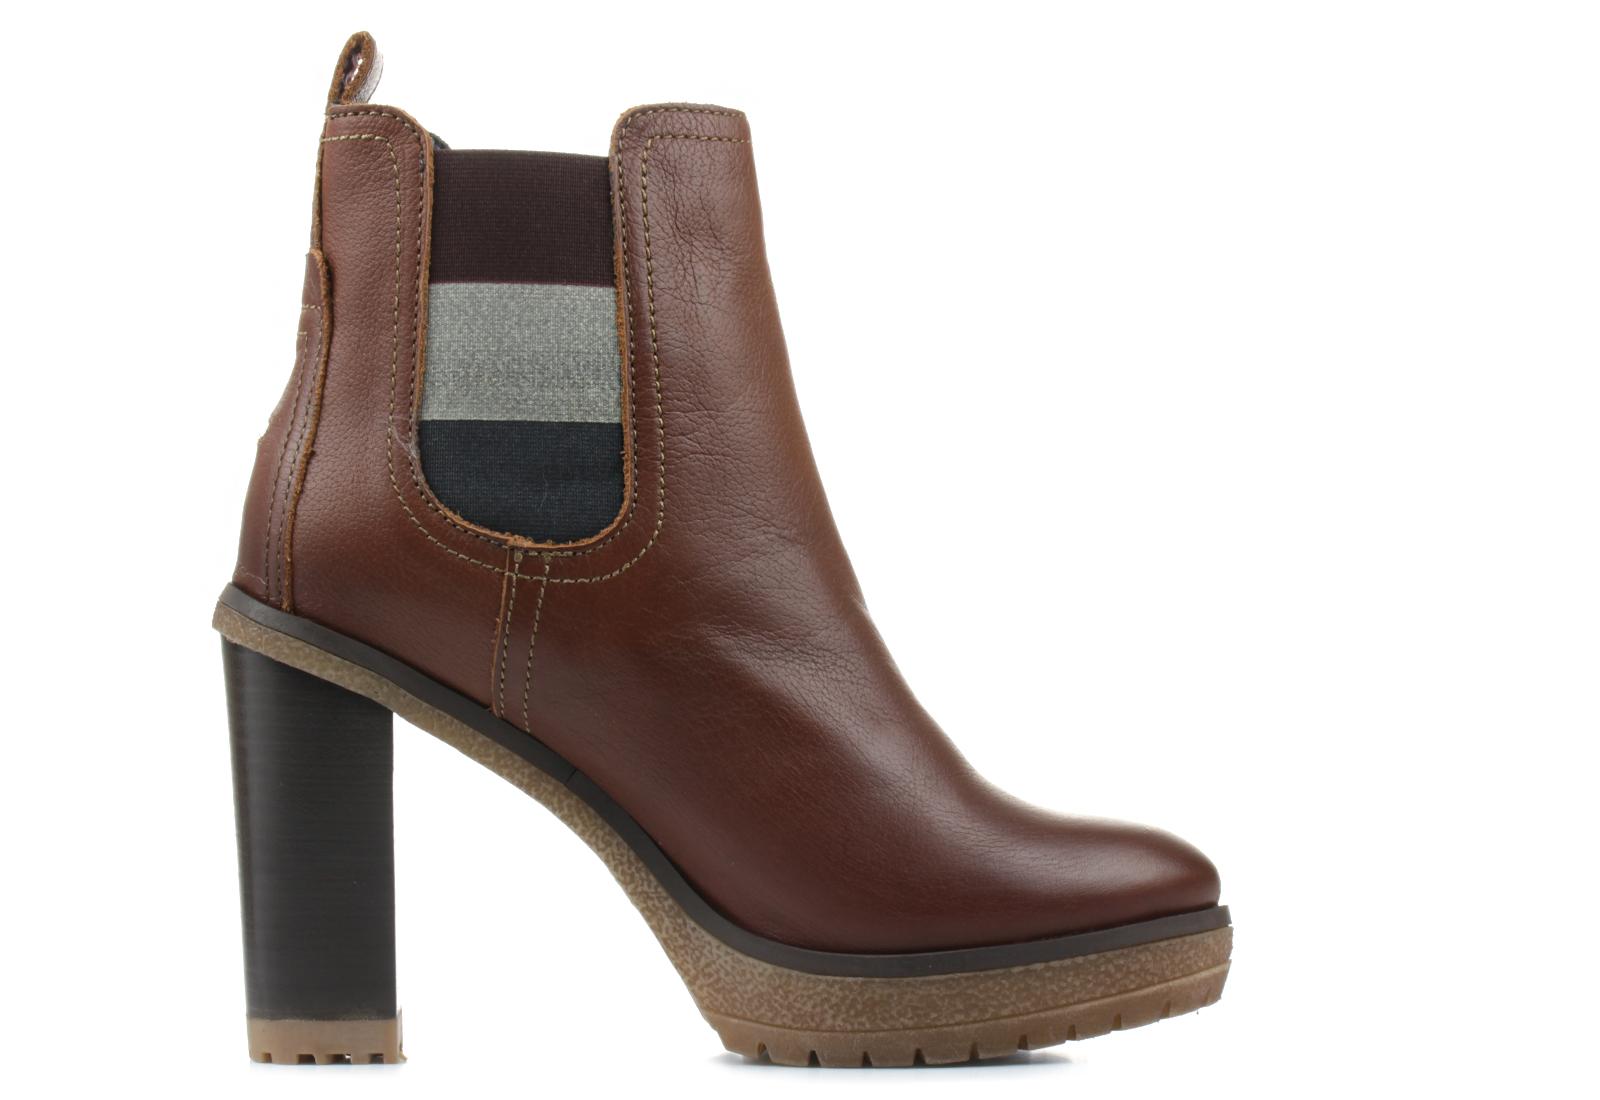 Tommy Hilfiger Vysoké boty Chelsea boots - Cleo 13a - 17F-1377 ... 506c236e6c